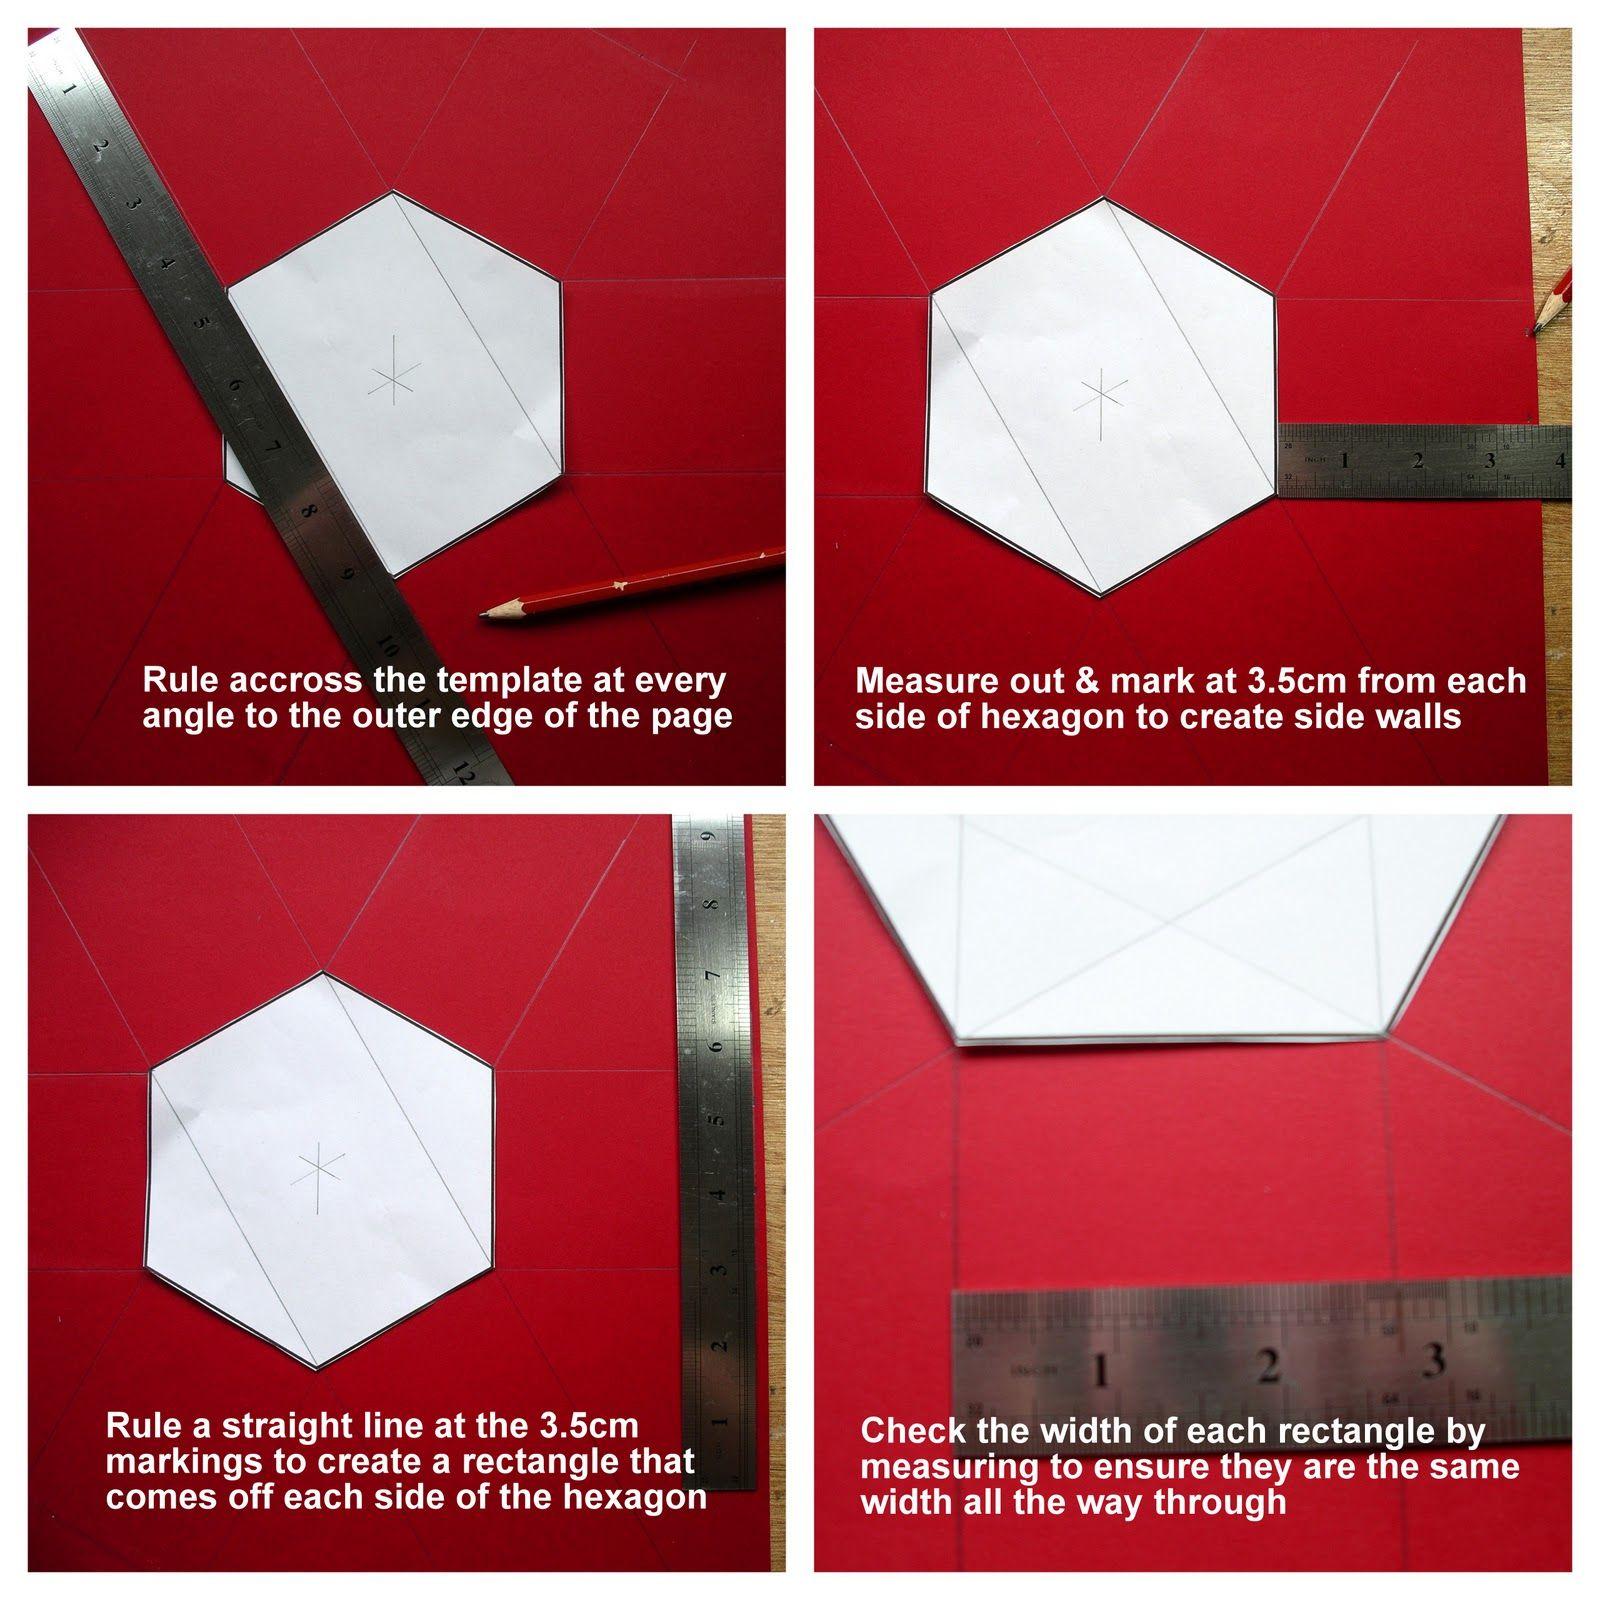 Hi Everyone Today I Am Going To Share A Tutorial For My Hexagonal Exploding Box I Originally Designe Exploding Boxes Diy Exploding Box Explosion Box Tutorial